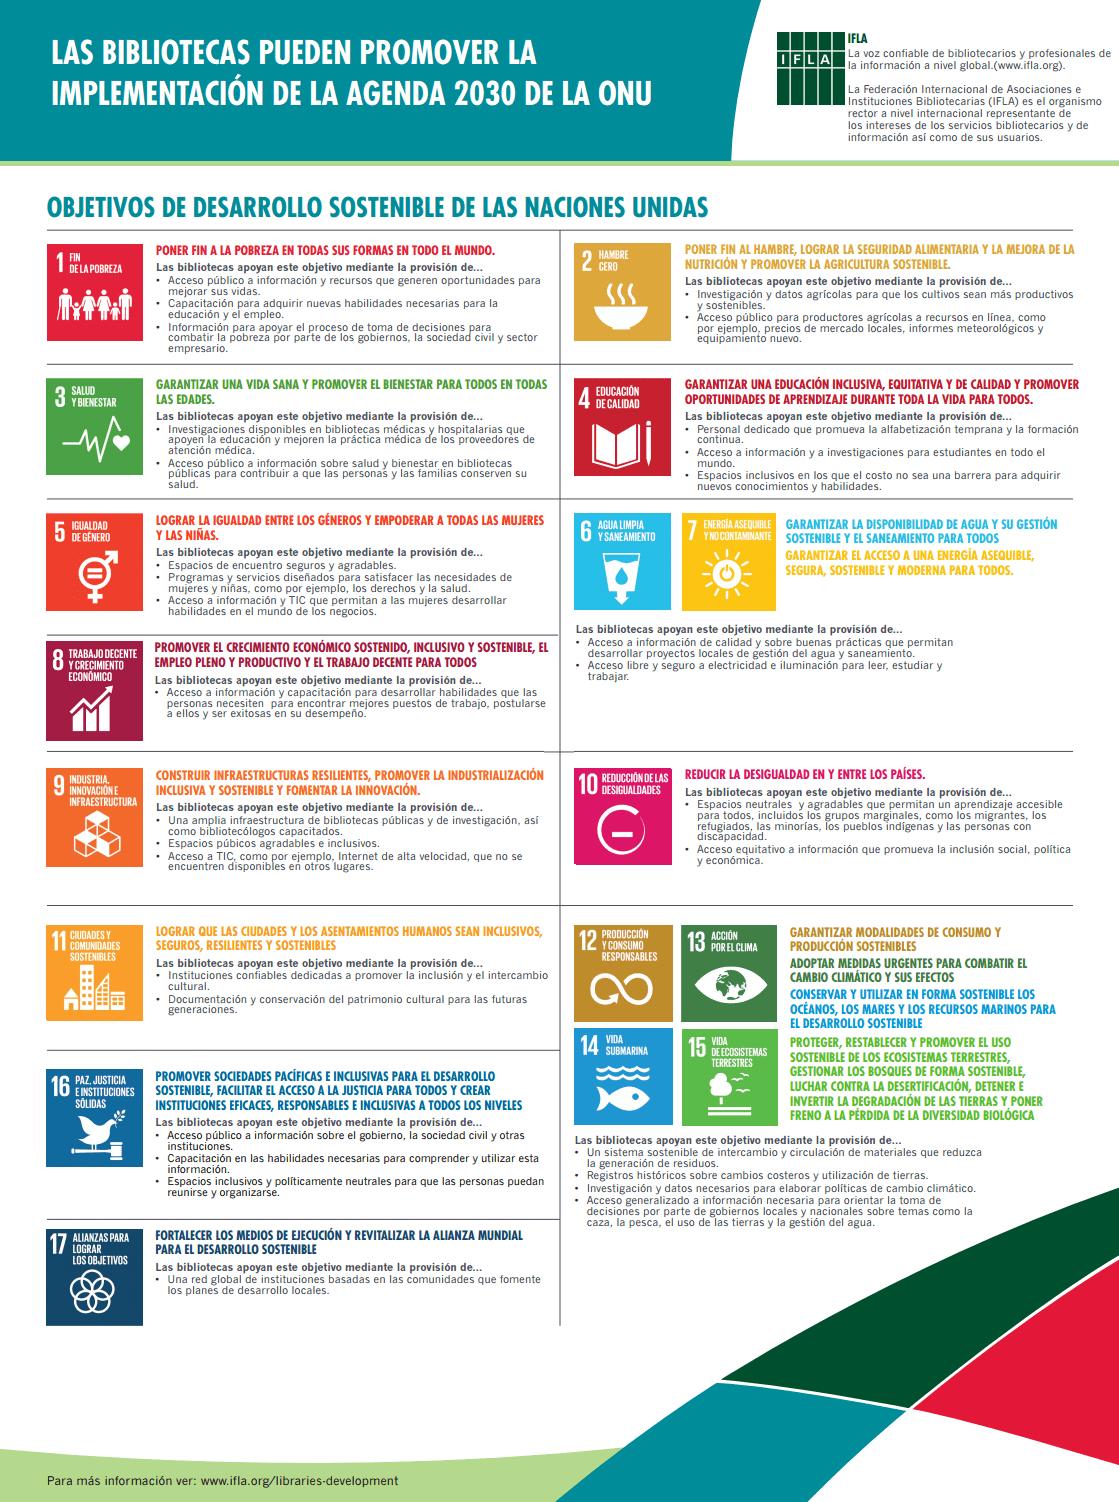 Las bibliotecas pueden promover la implementación de la Agenda 2030 de la ONU